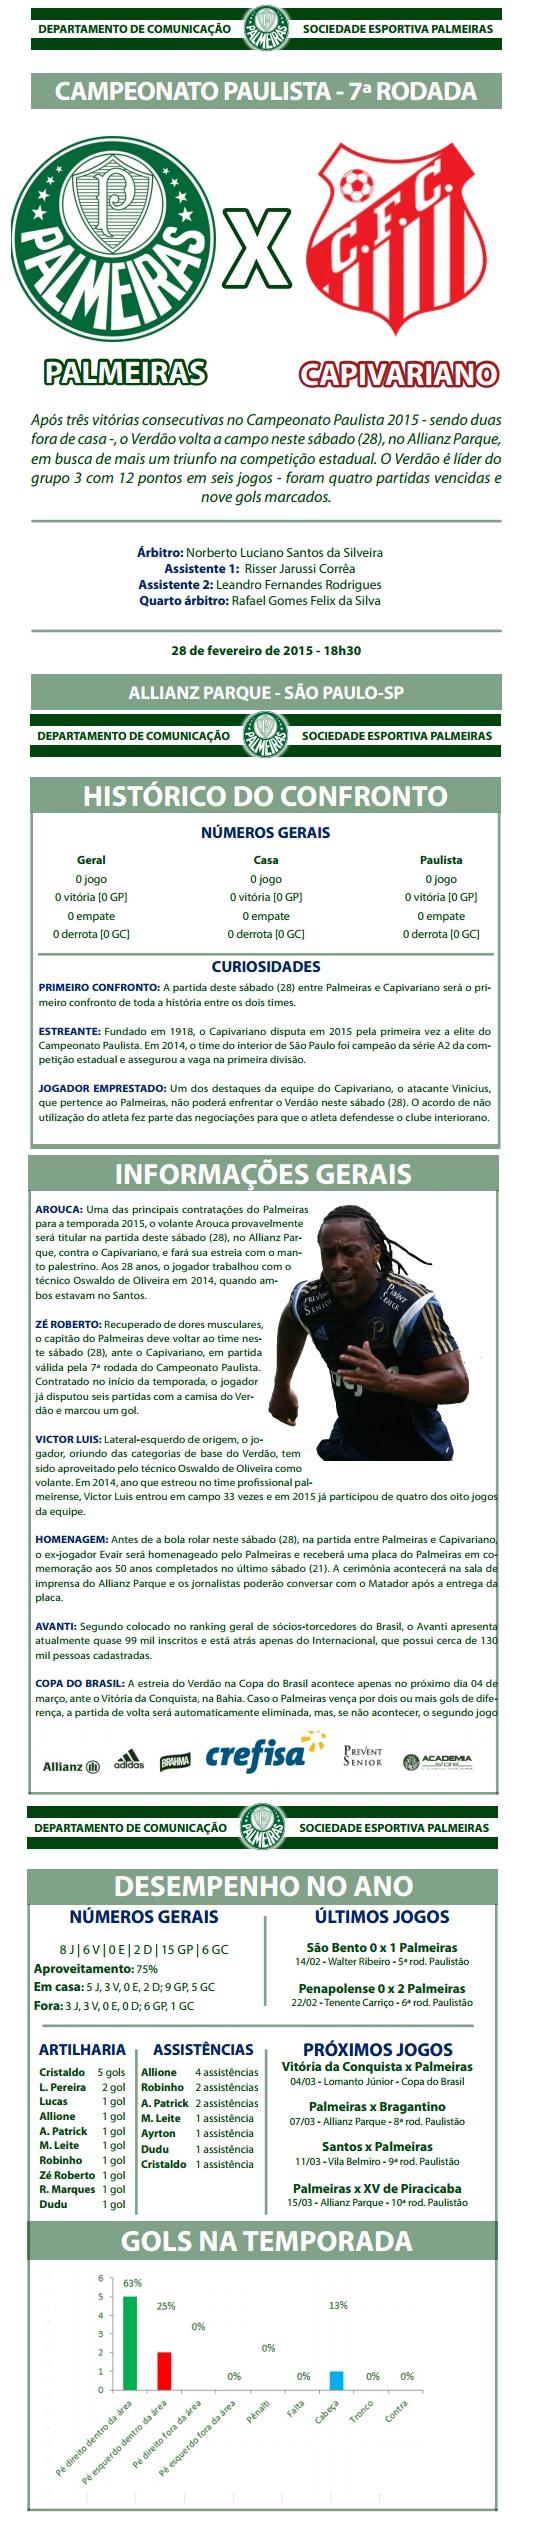 Pré-Jogo Palmeiras Capivariano